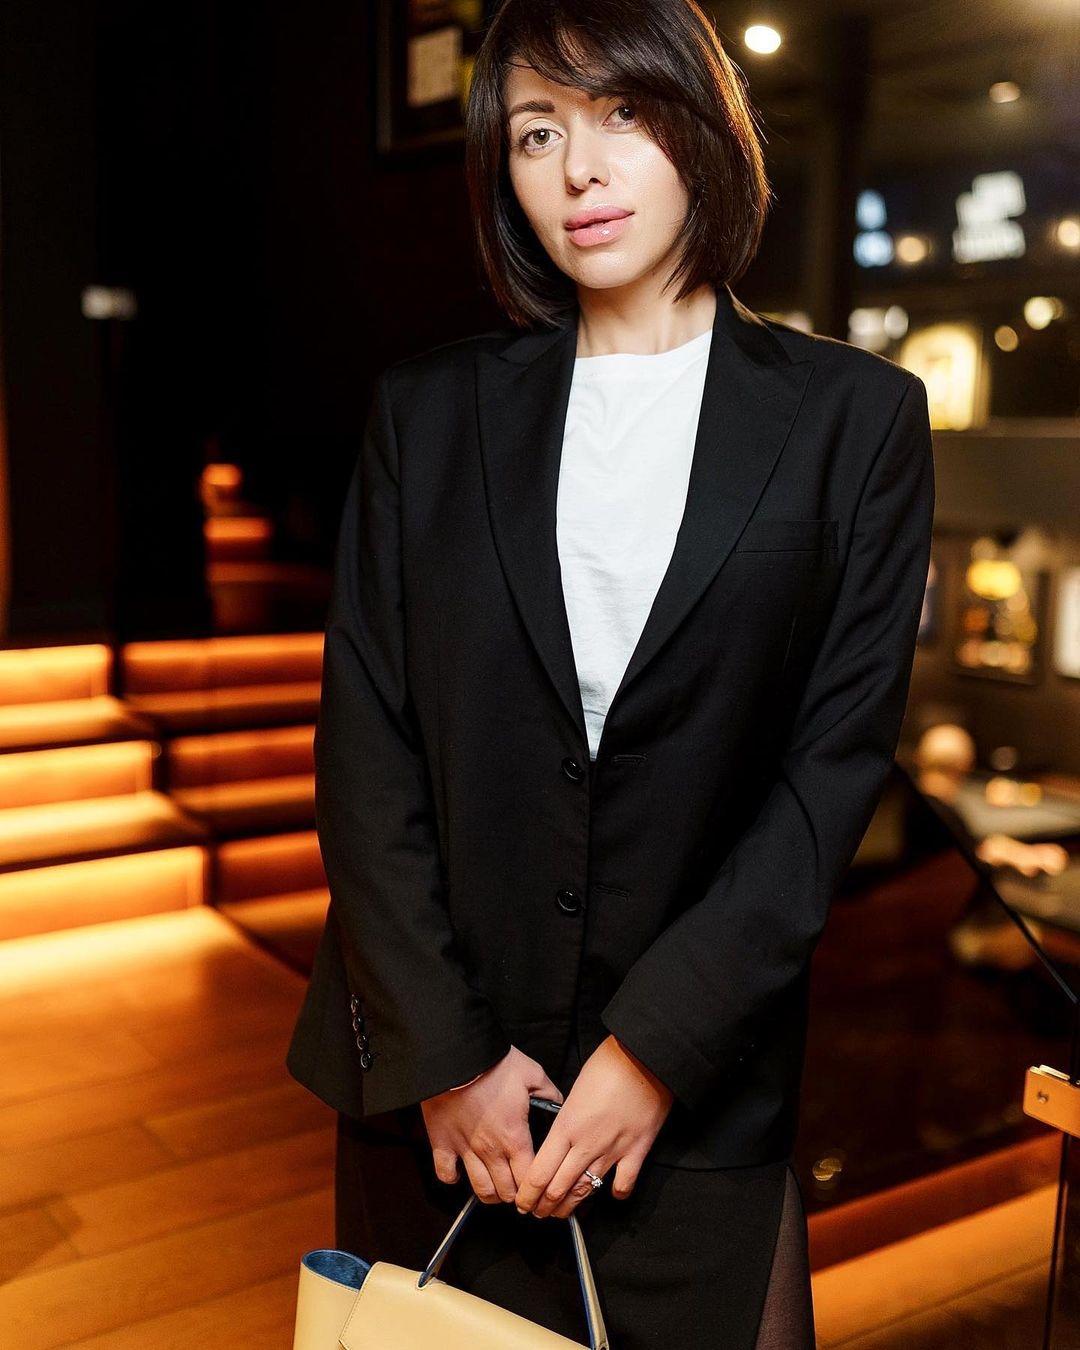 Эльмира Мехтиева: о секретах своего успеха и возможной смене амплуа деловой леди (ИНТЕРВЬЮ) - фото №3